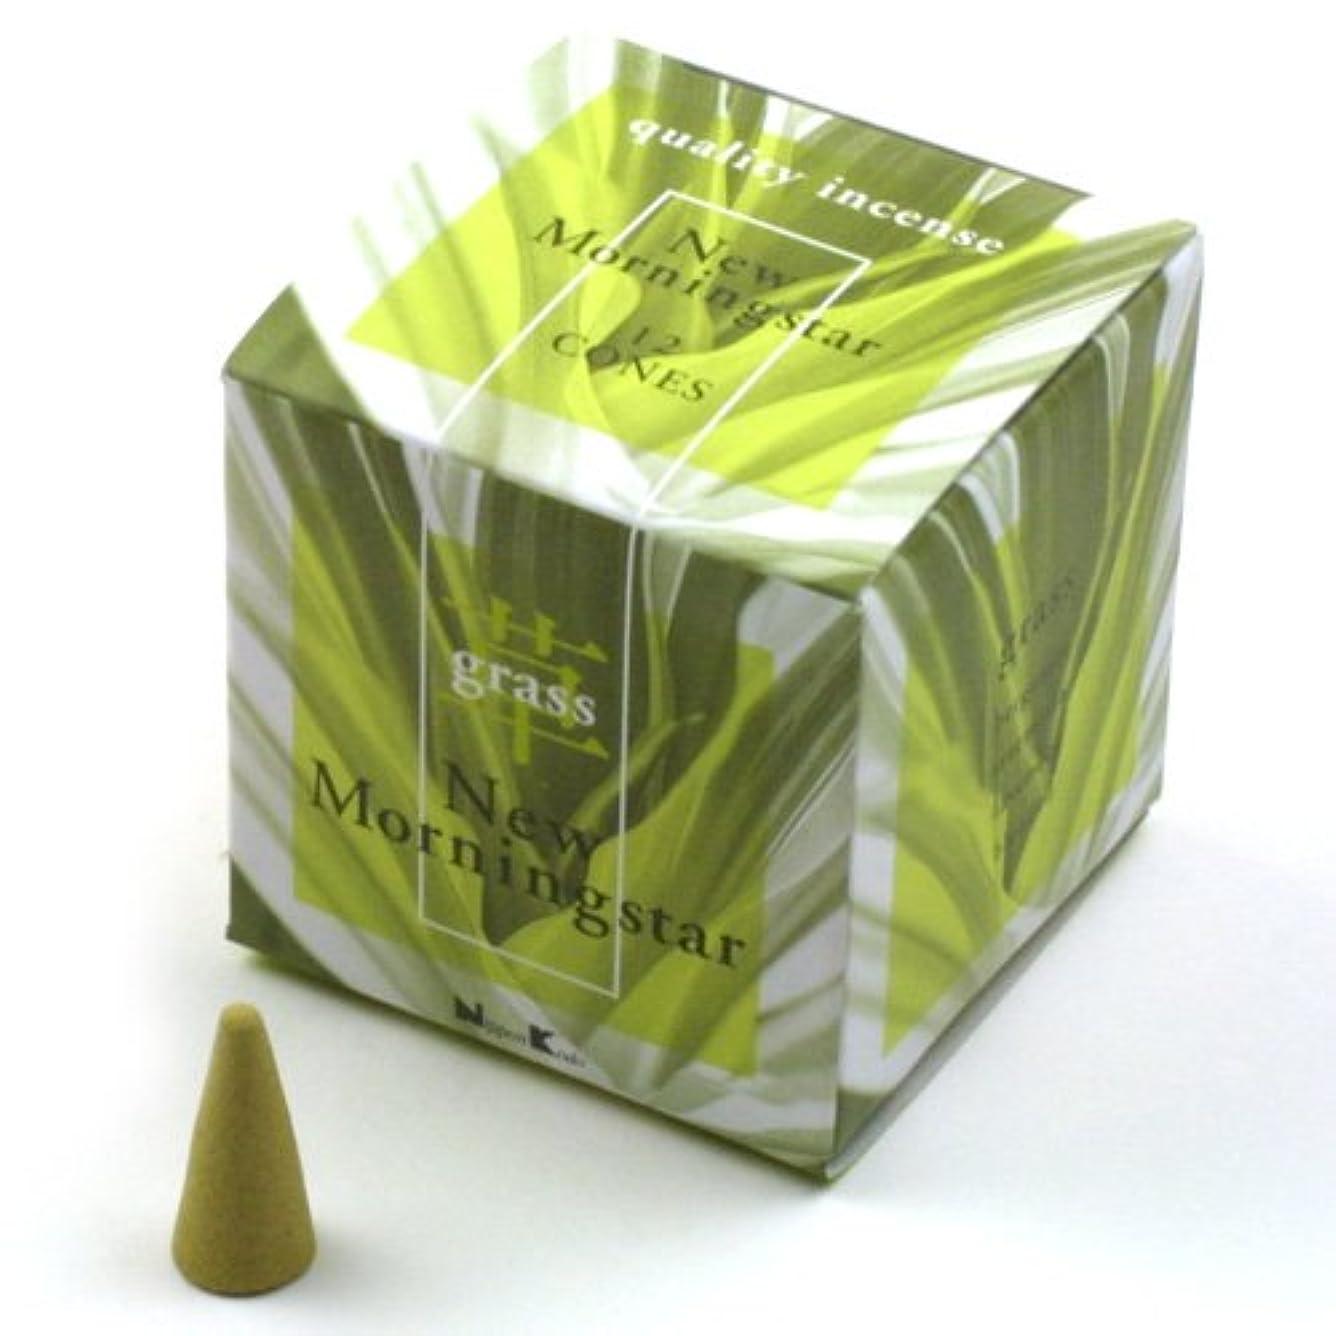 根拠フェデレーションニューモーニングインセンスコーン グラス(grass)